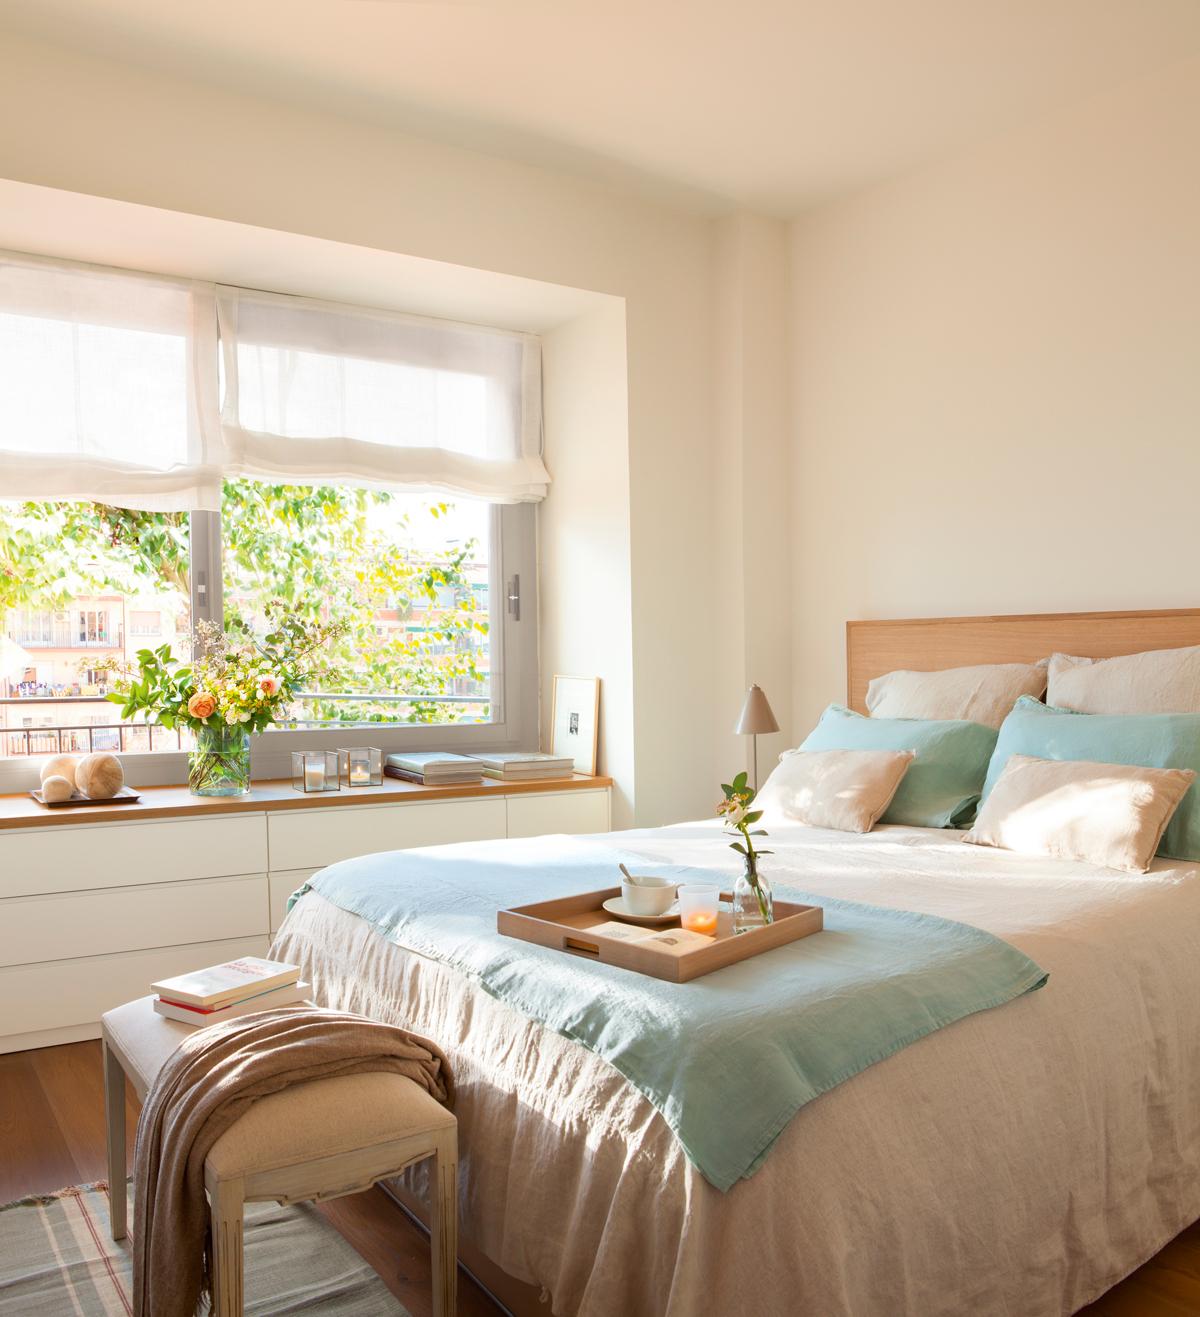 Limpiar sin esfuerzo las novedades para tener tu casa - Dormitorio beige ...